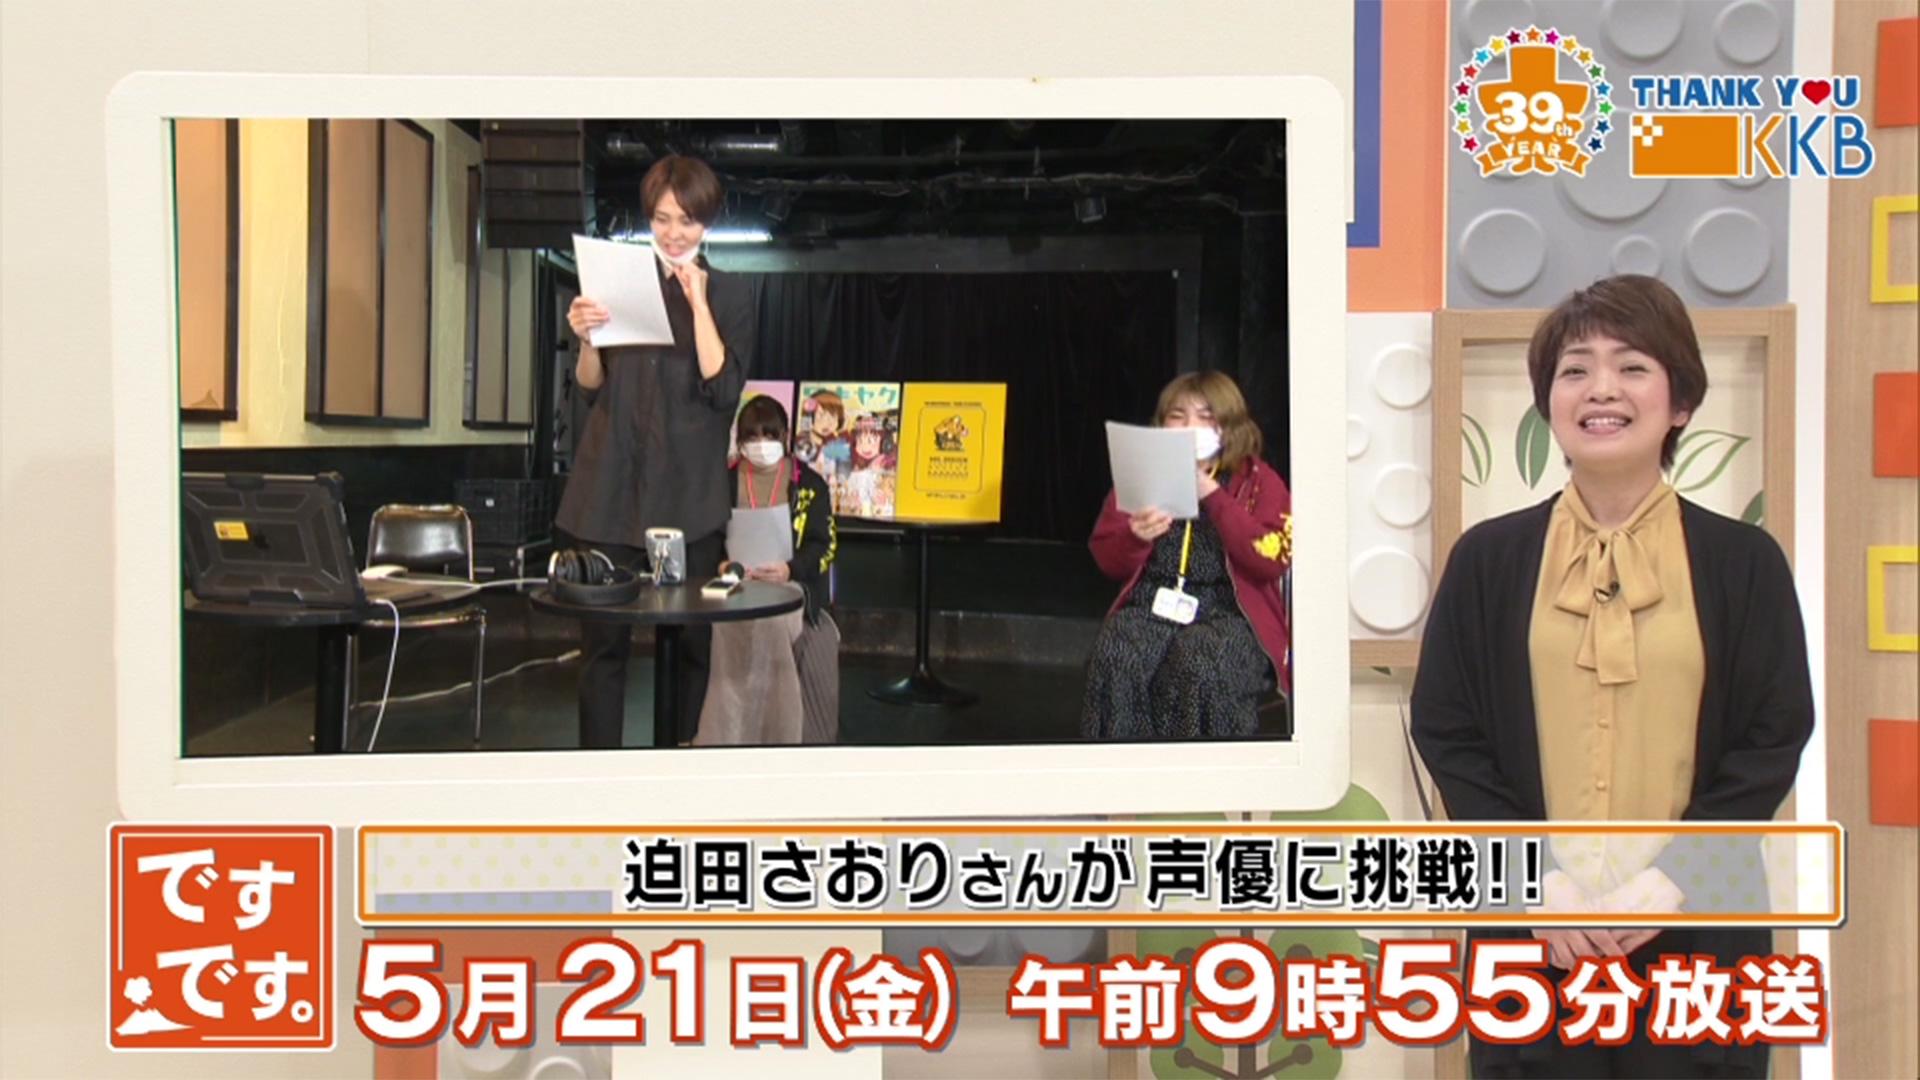 ワキヤクスタジオがKKB『ですです。』にてテレビ出演します!!